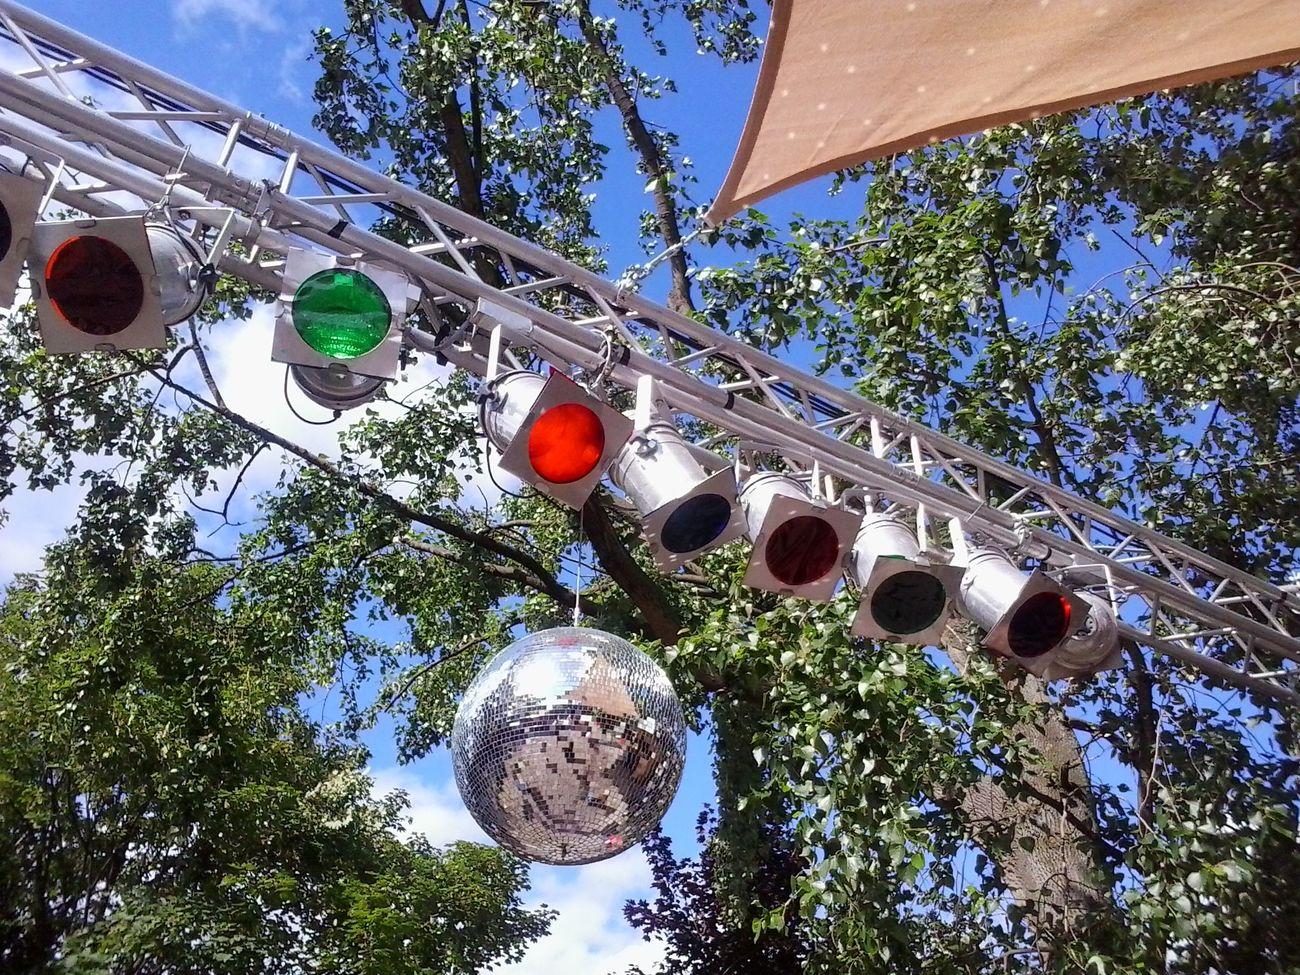 Dance Disco Diskokugel Draußen Festival Frühling Open Air Party Spring Tanzen